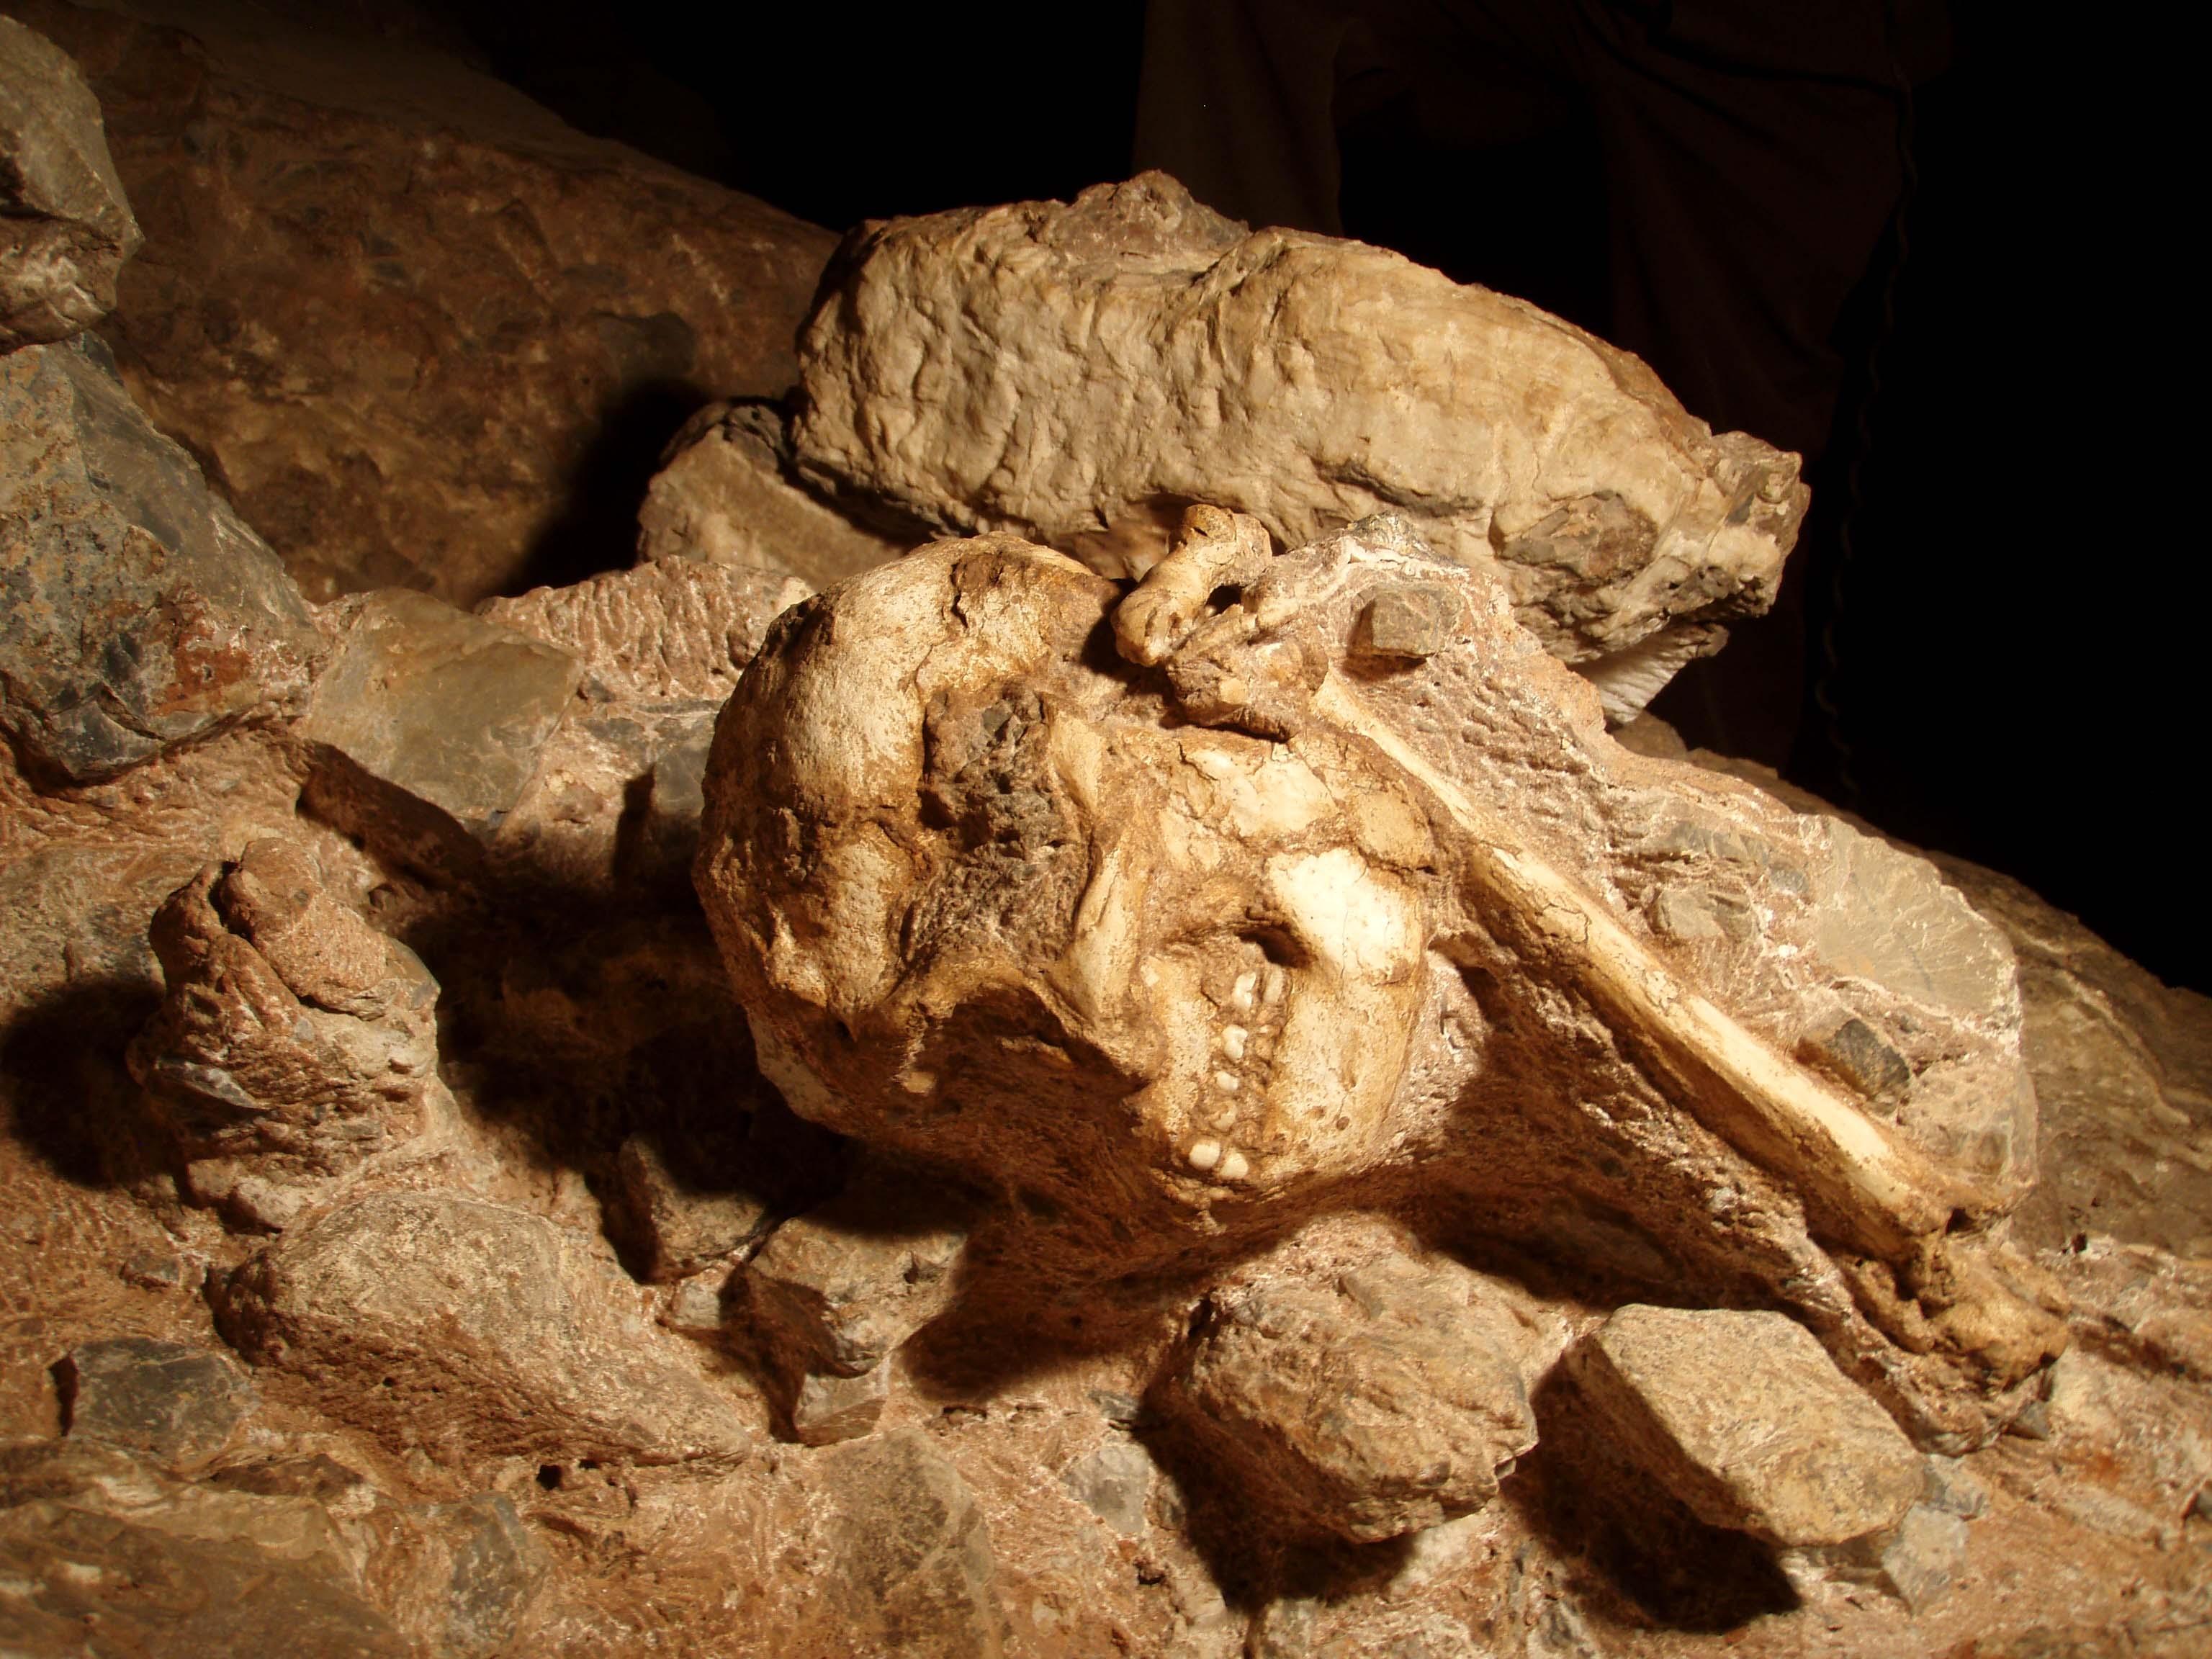 StW 573 (Little Foot) est le squelette d'australopithèque le plus complet découvert à ce jour. L'essentiel des ossements sont encore en connexion, plus de 3 Ma après sa chute dans la Silberberg grotto (Afrique du Sud) Cliché L. Bruxelles/Inrap